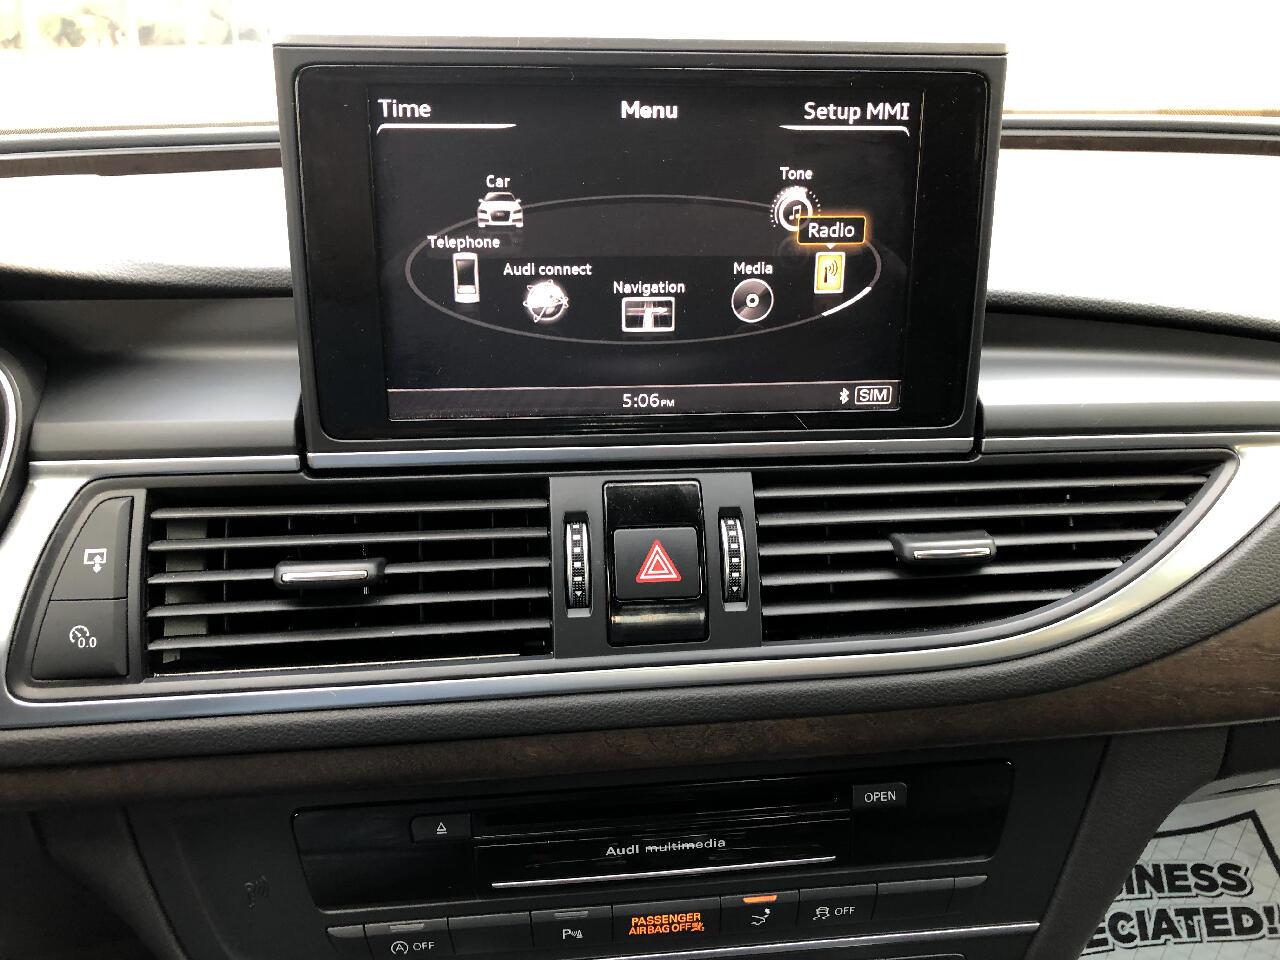 Audi A7 4dr HB quattro 3.0 Premium Plus 2016